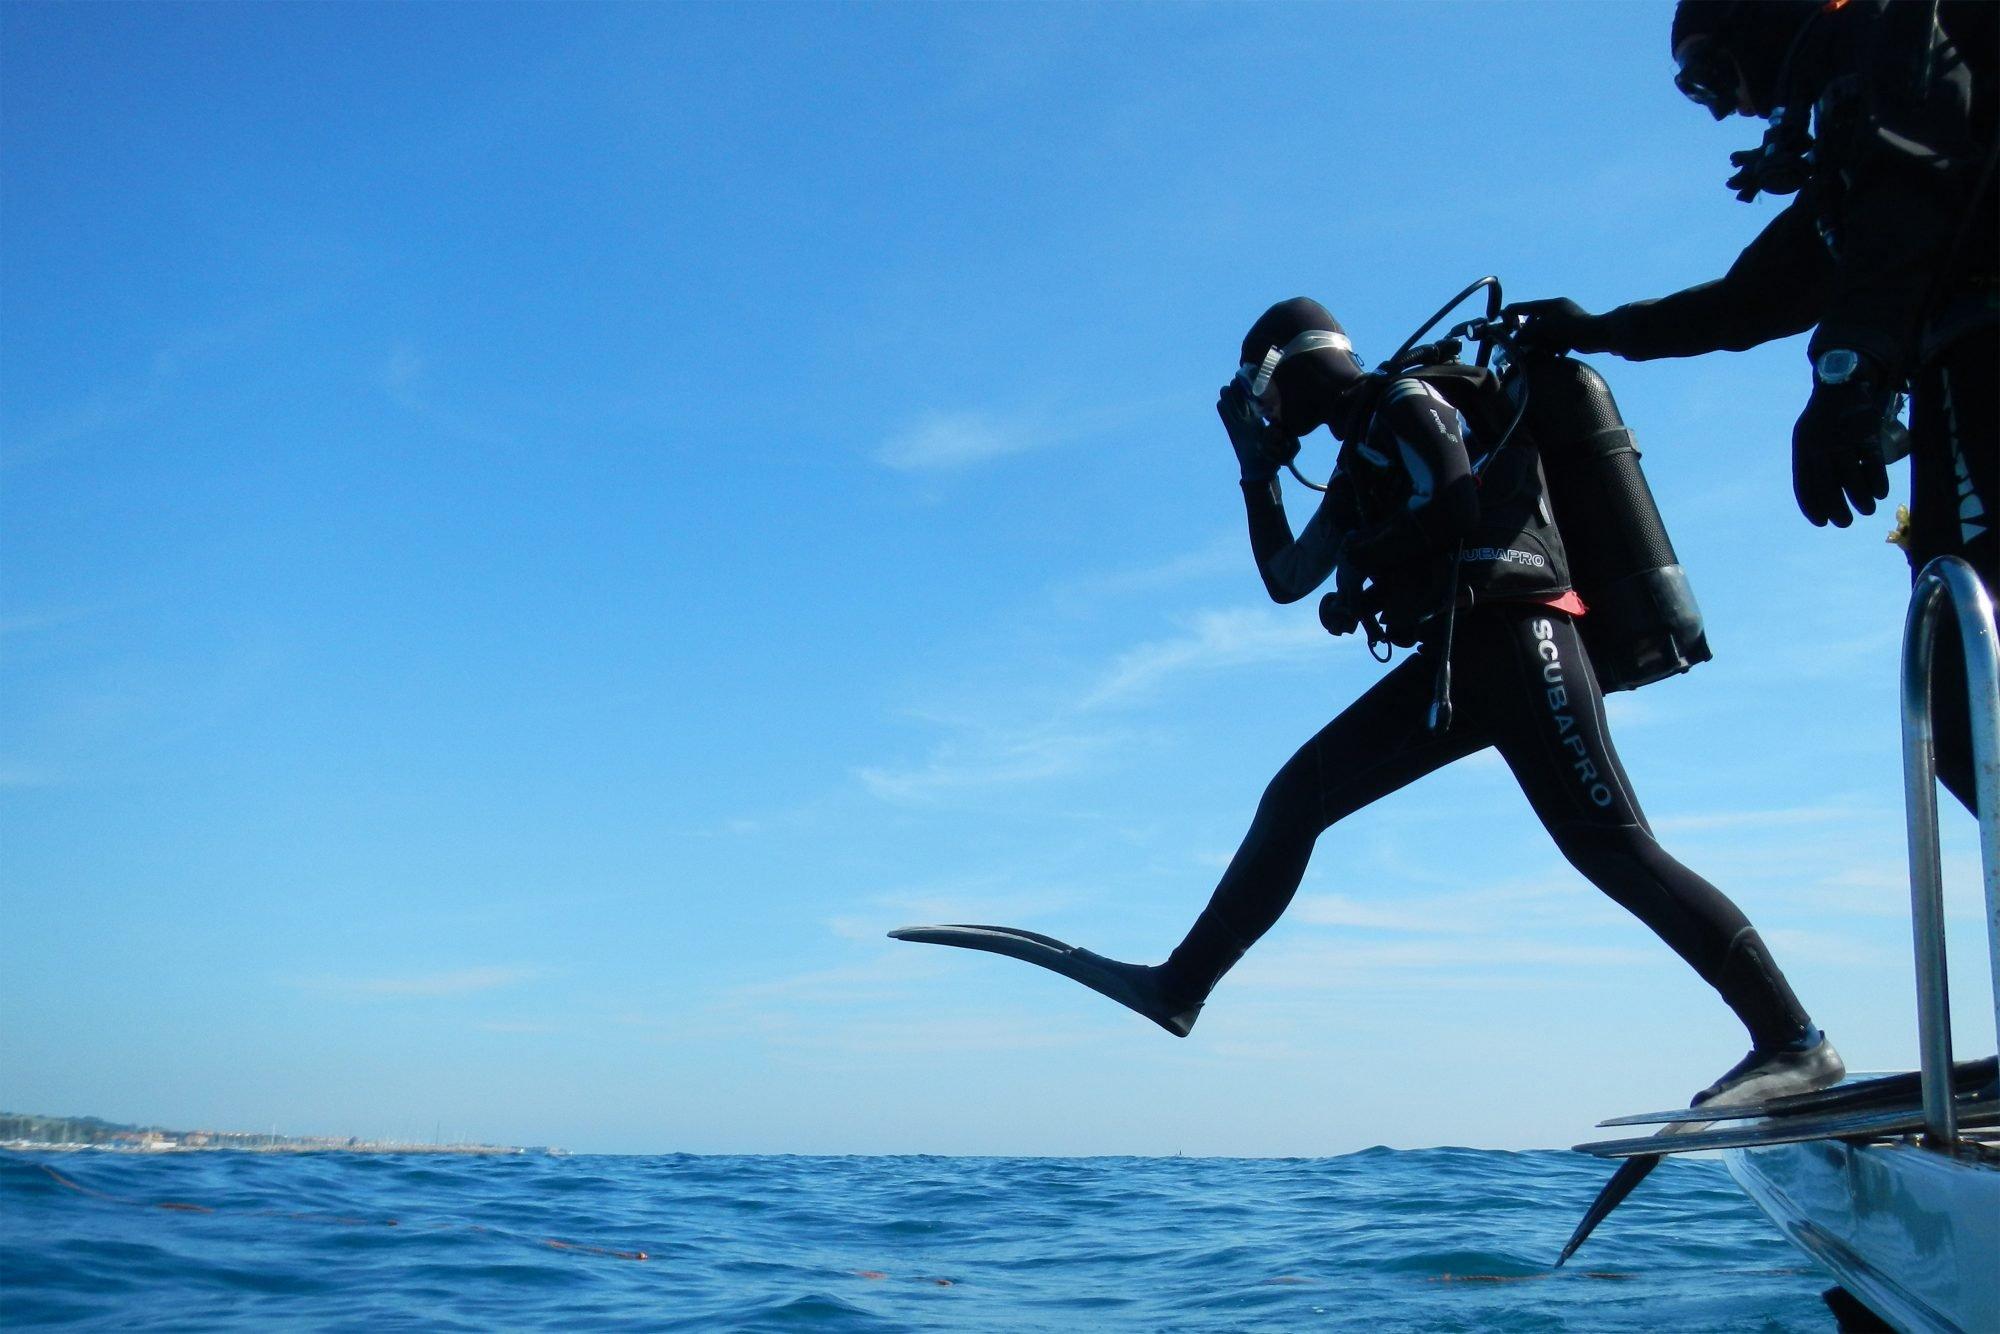 curso avanzado de buceo - saltando al agua